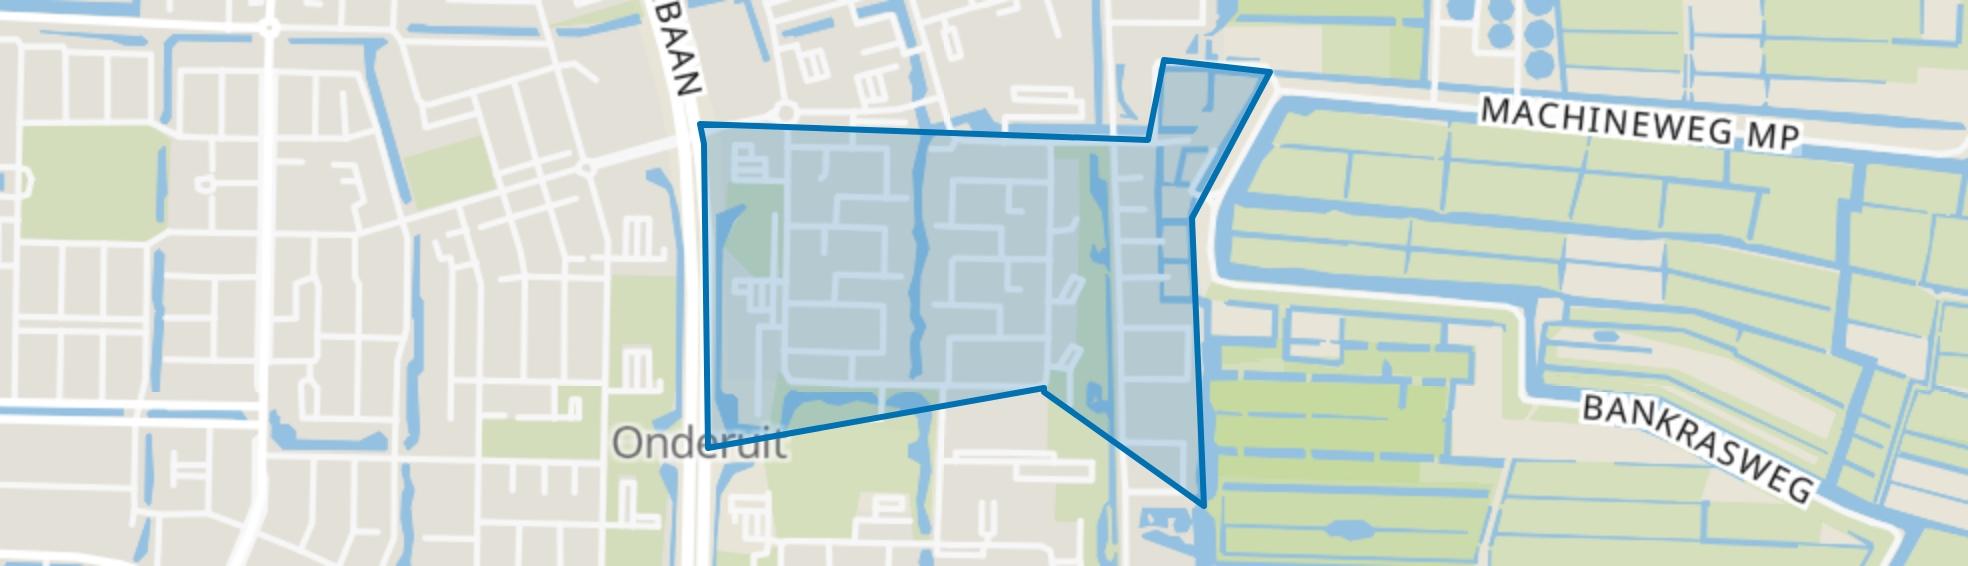 Zeestratenbuurt, Amstelveen map